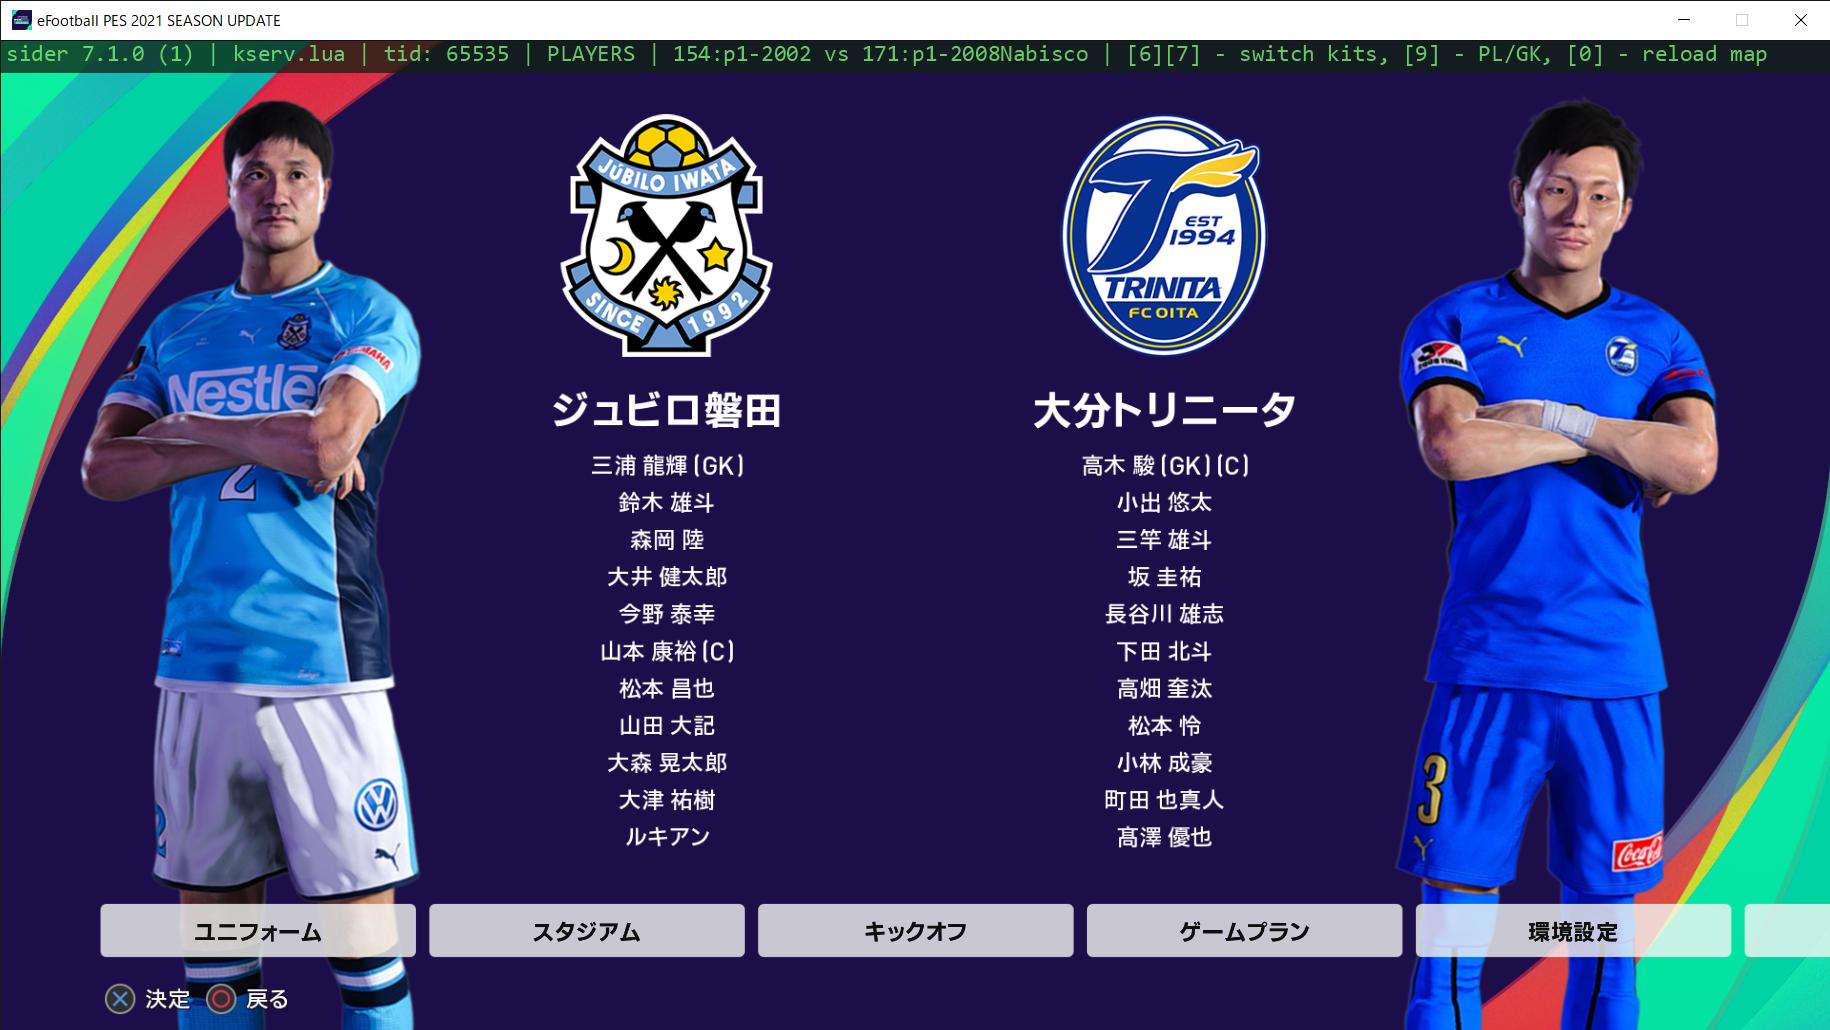 IWATA2002J+OITA2008CUP